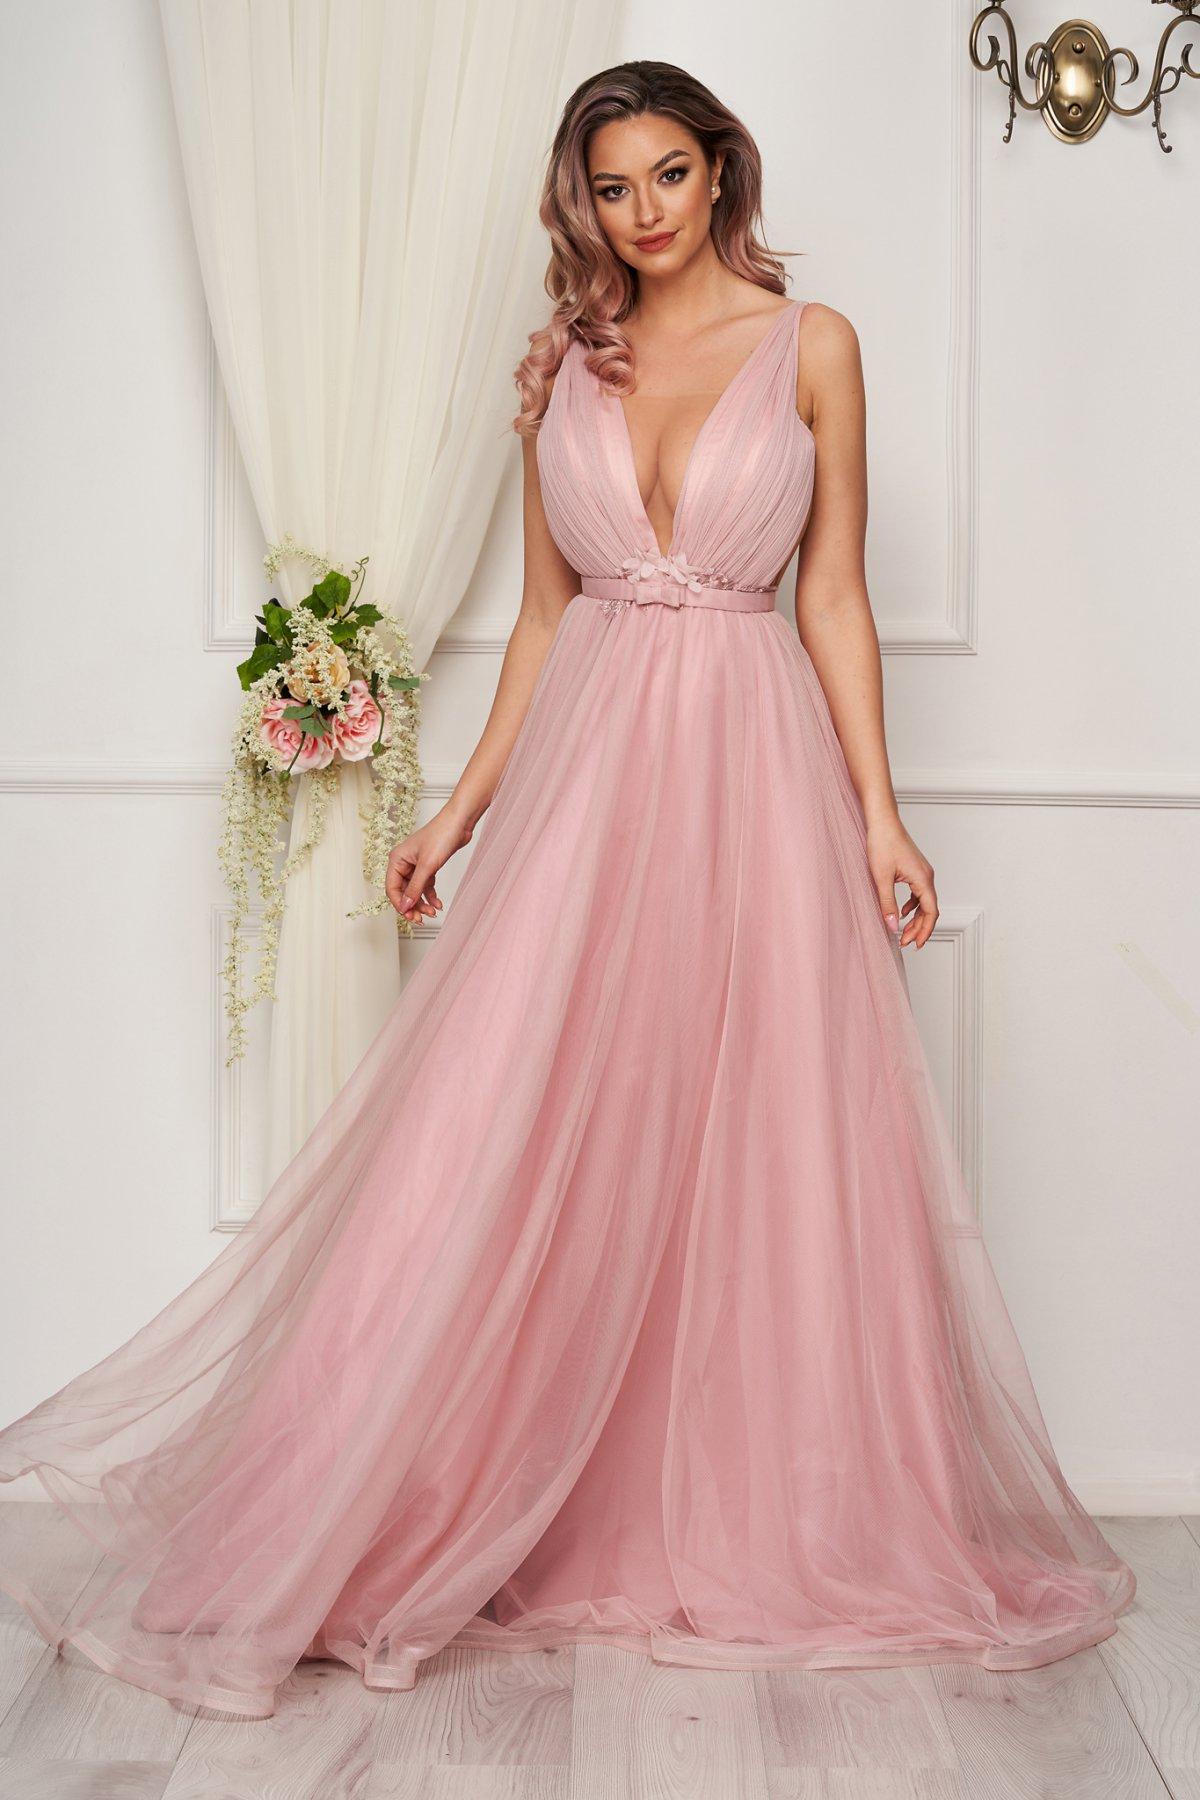 Rochie roz deschis de seara din tul in clos cu corset la spate - medelin.ro